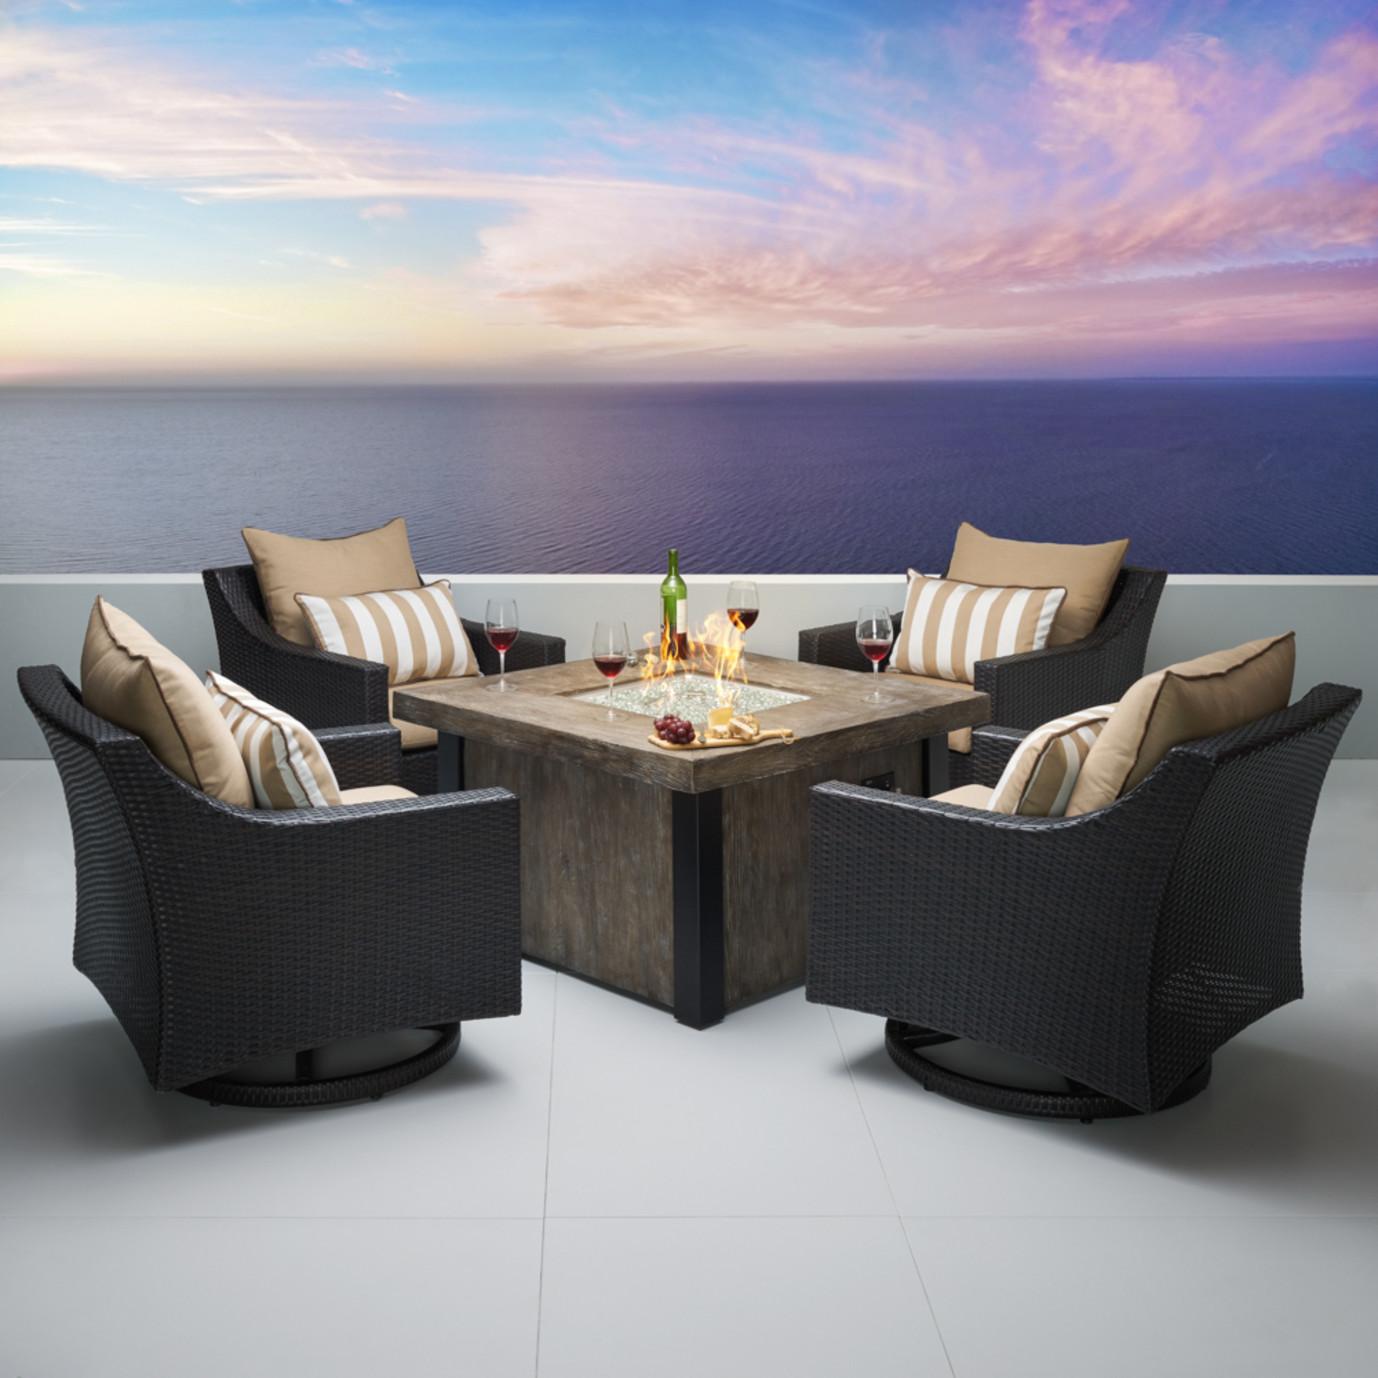 Deco™ 5pc Motion Fire Chat Set - Maxim Beige